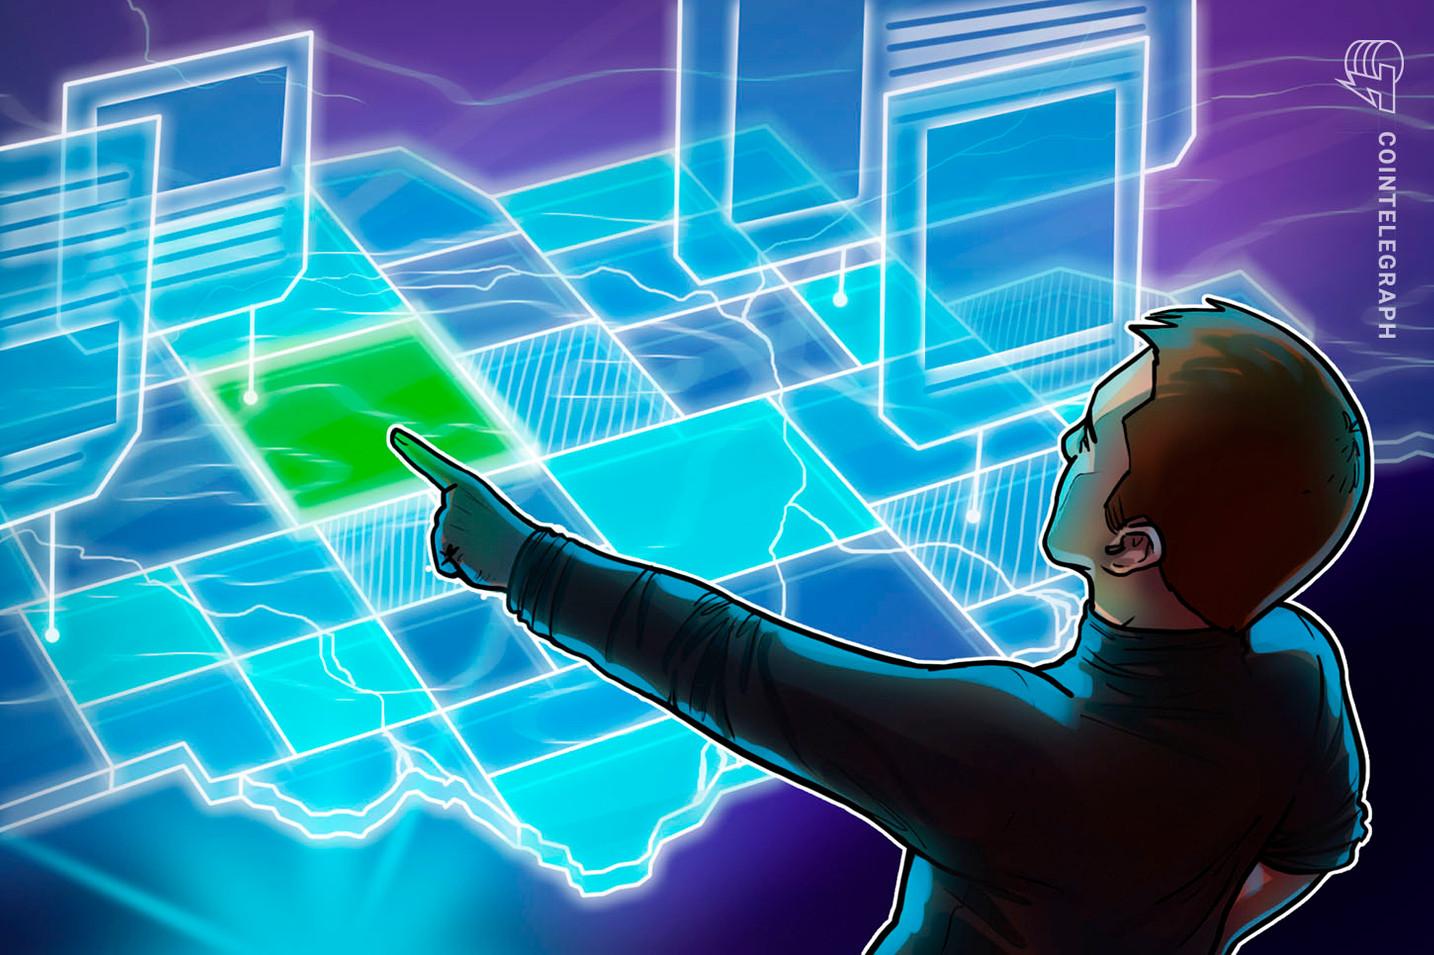 NFT गेम क्रिएटर एक साल में 9,200% लाभ के लिए Axie Infinity वर्चुअल लैंड फ़्लिप करता है